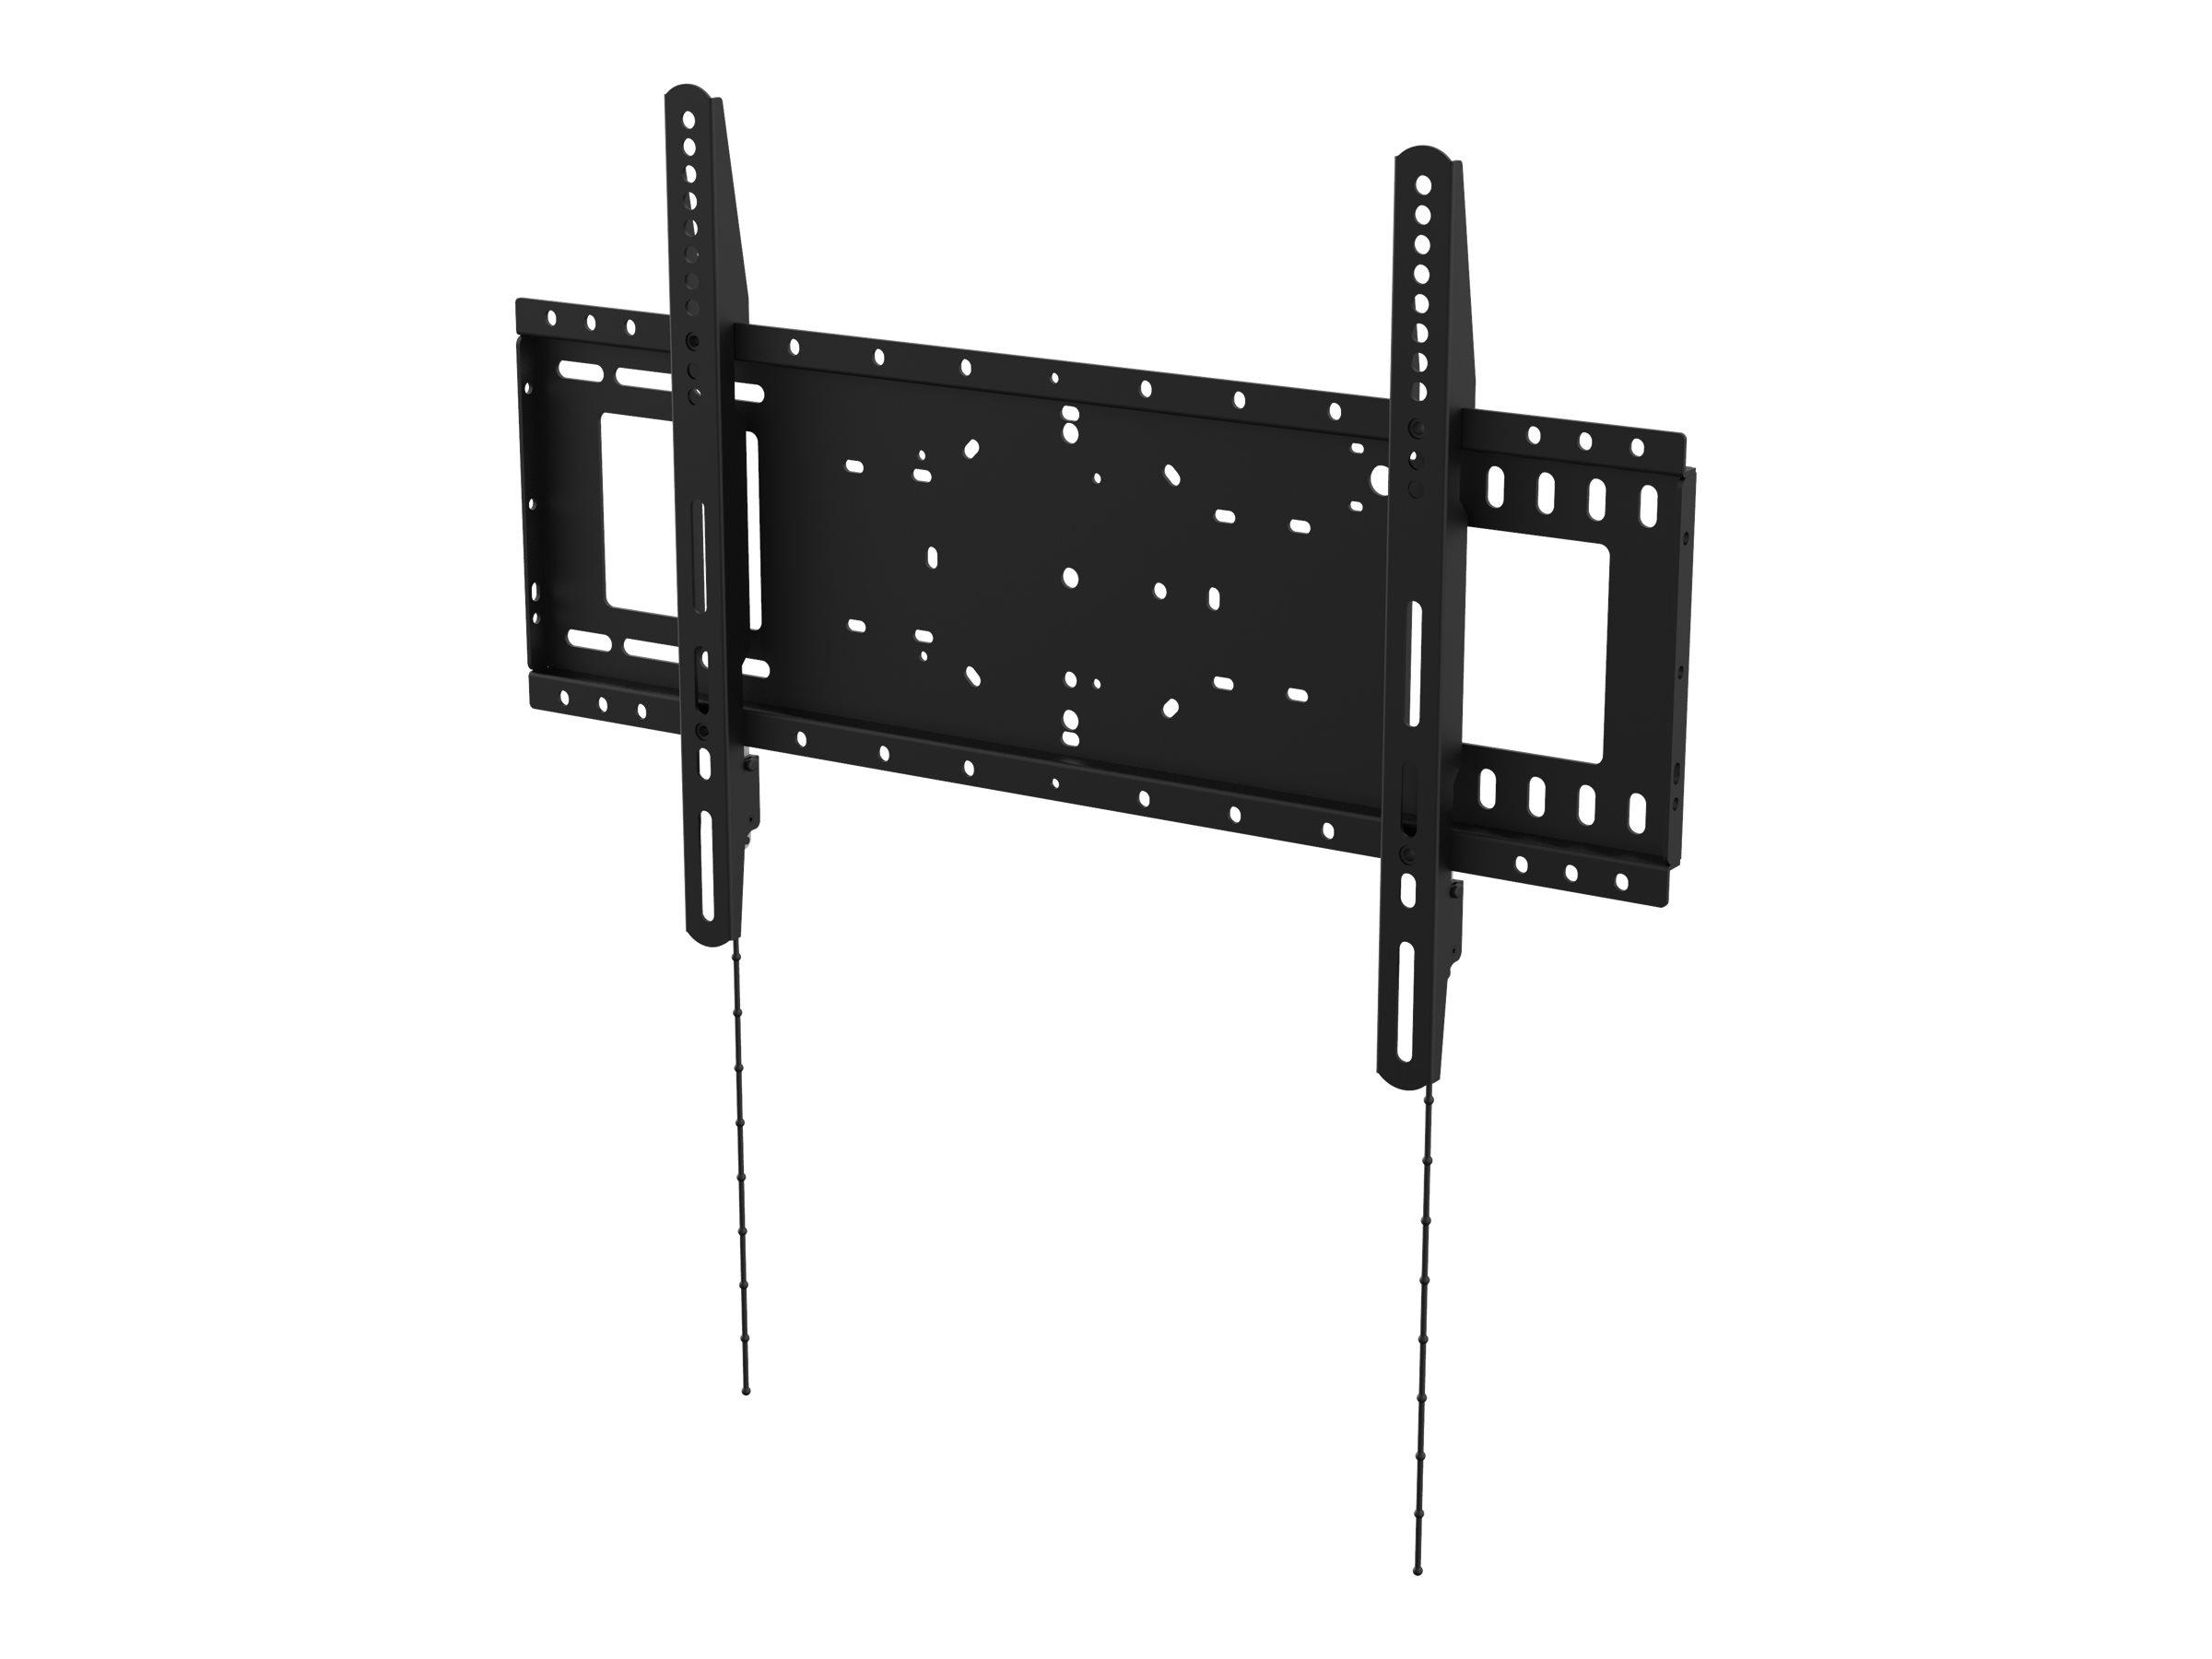 Vision VFM-W6X4 - Wandhalterung für LCD-Display - kaltgewalzter Stahl - Schwarz - Bildschirmgrösse: 94-190.5 cm (37